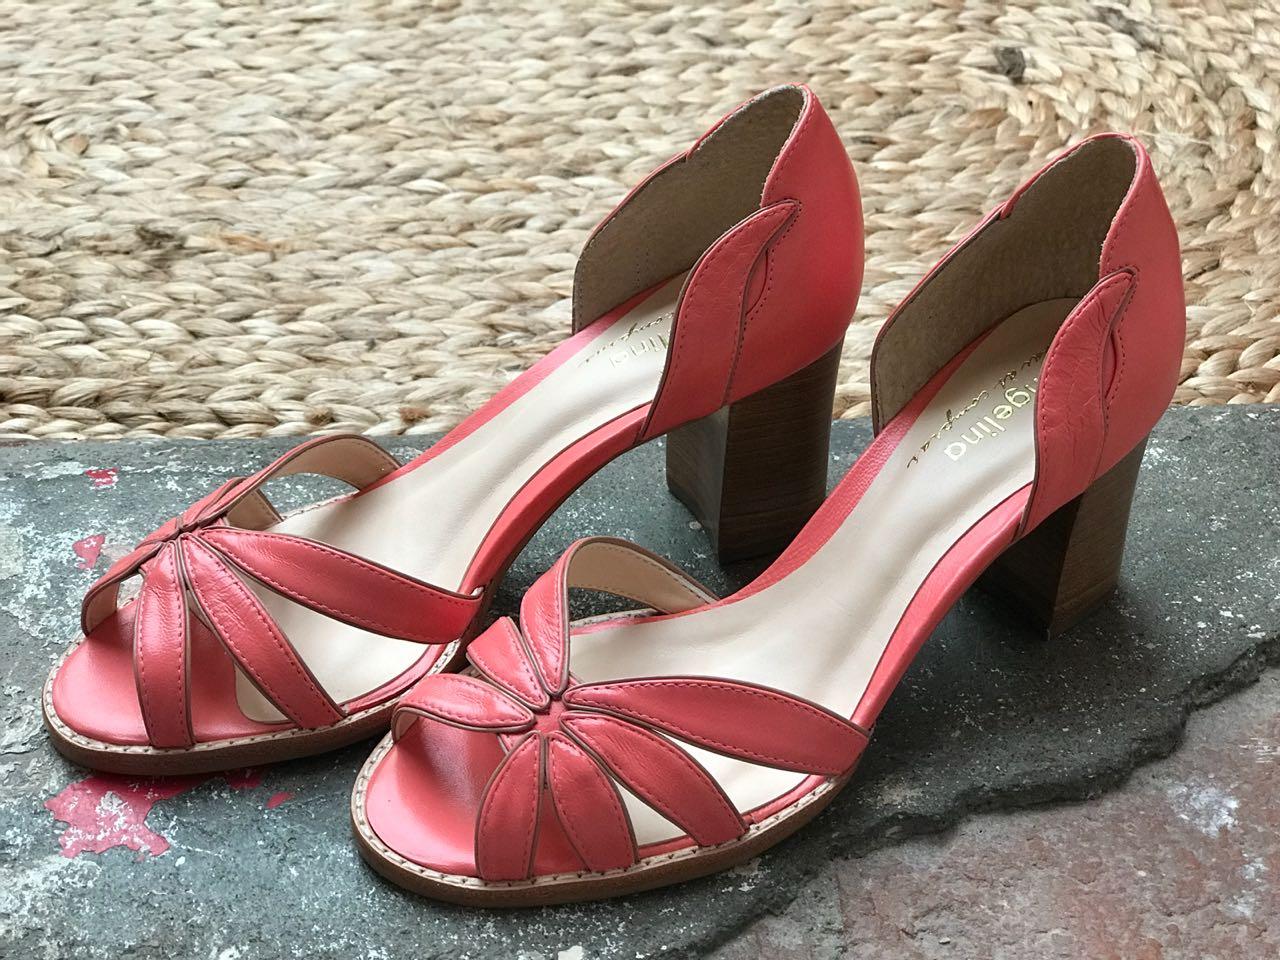 Sapato Aberto com salto fachete natural em madeira - Goiaba com viés em nude  - Angelina Vai às Compras